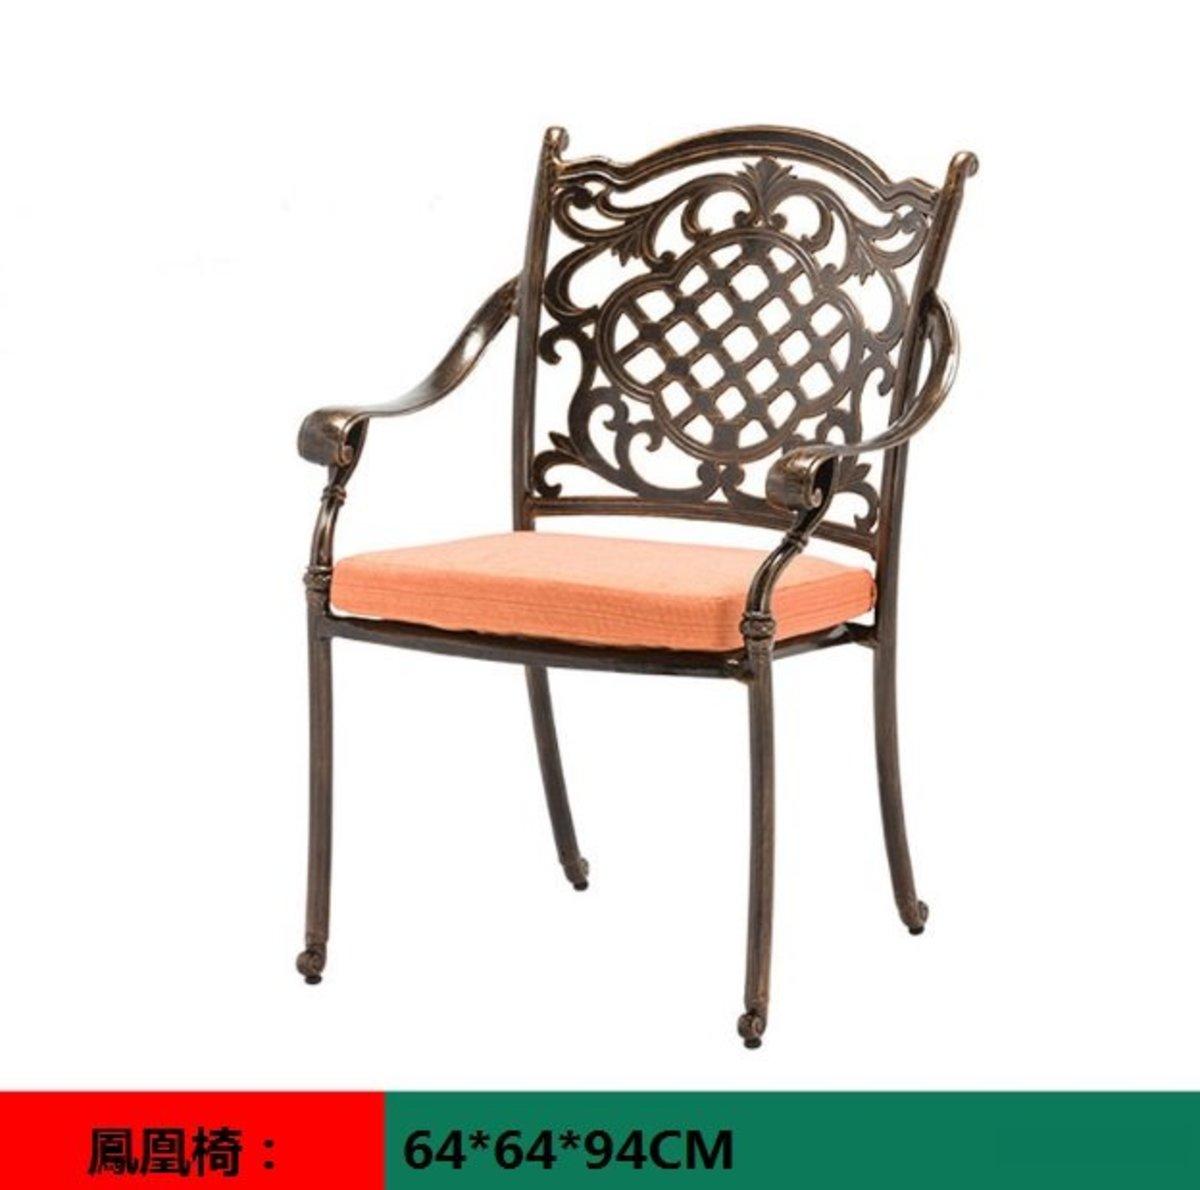 室外咖啡廳歐式餐桌椅(鳳凰椅:64*64*94CM)